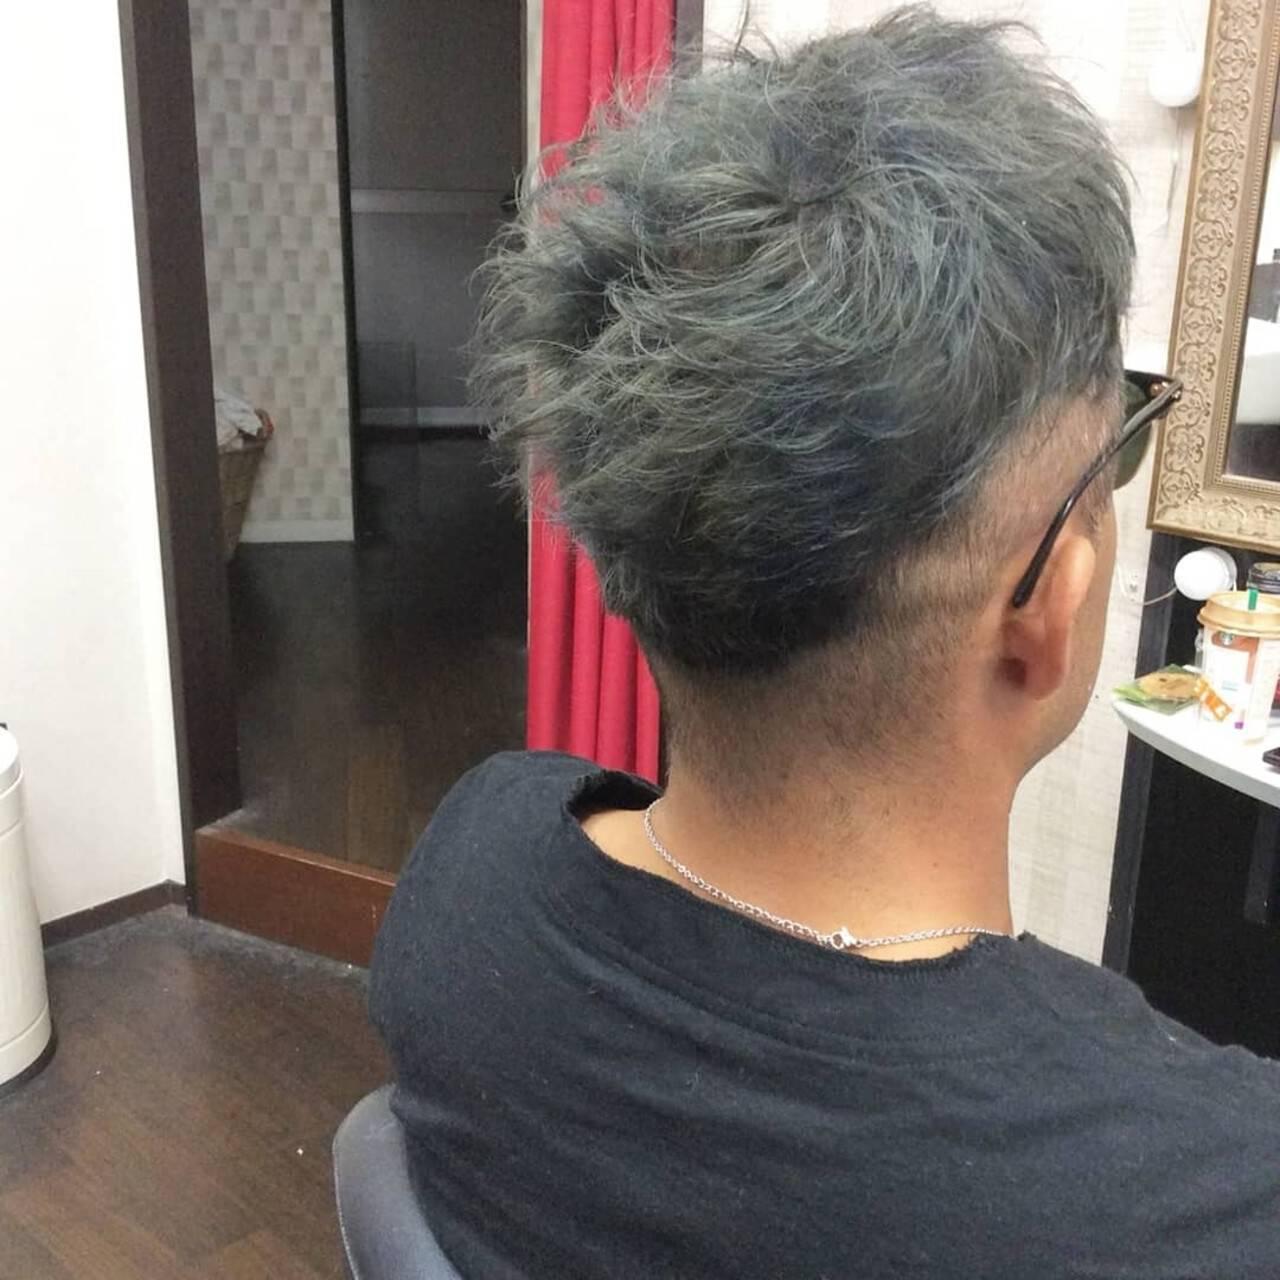 ショート メンズヘア メンズカラー シルバーグレーヘアスタイルや髪型の写真・画像